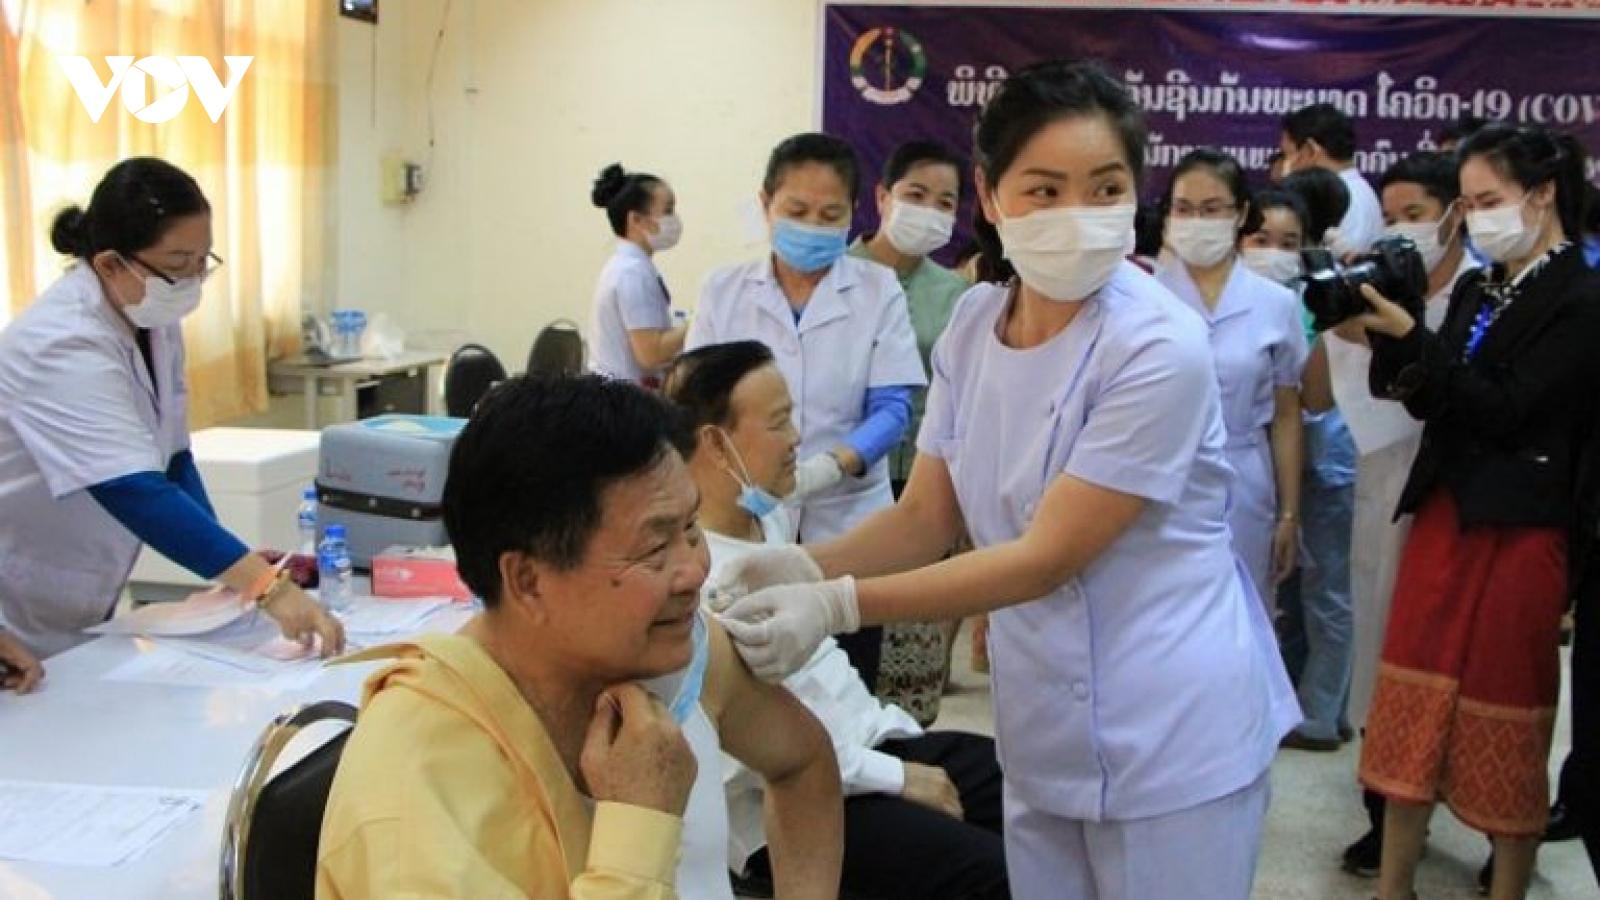 Lào tiếp tục thực hiện các biện pháp phòng Covid-19 đến hết tháng 5